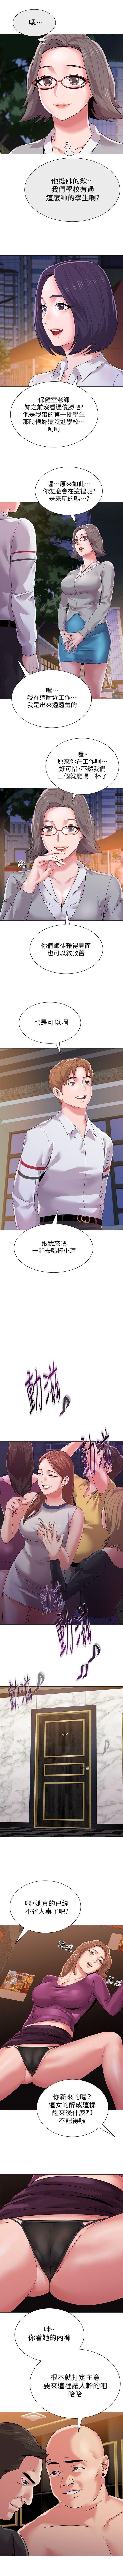 老師 1-80 官方中文(連載中) 111